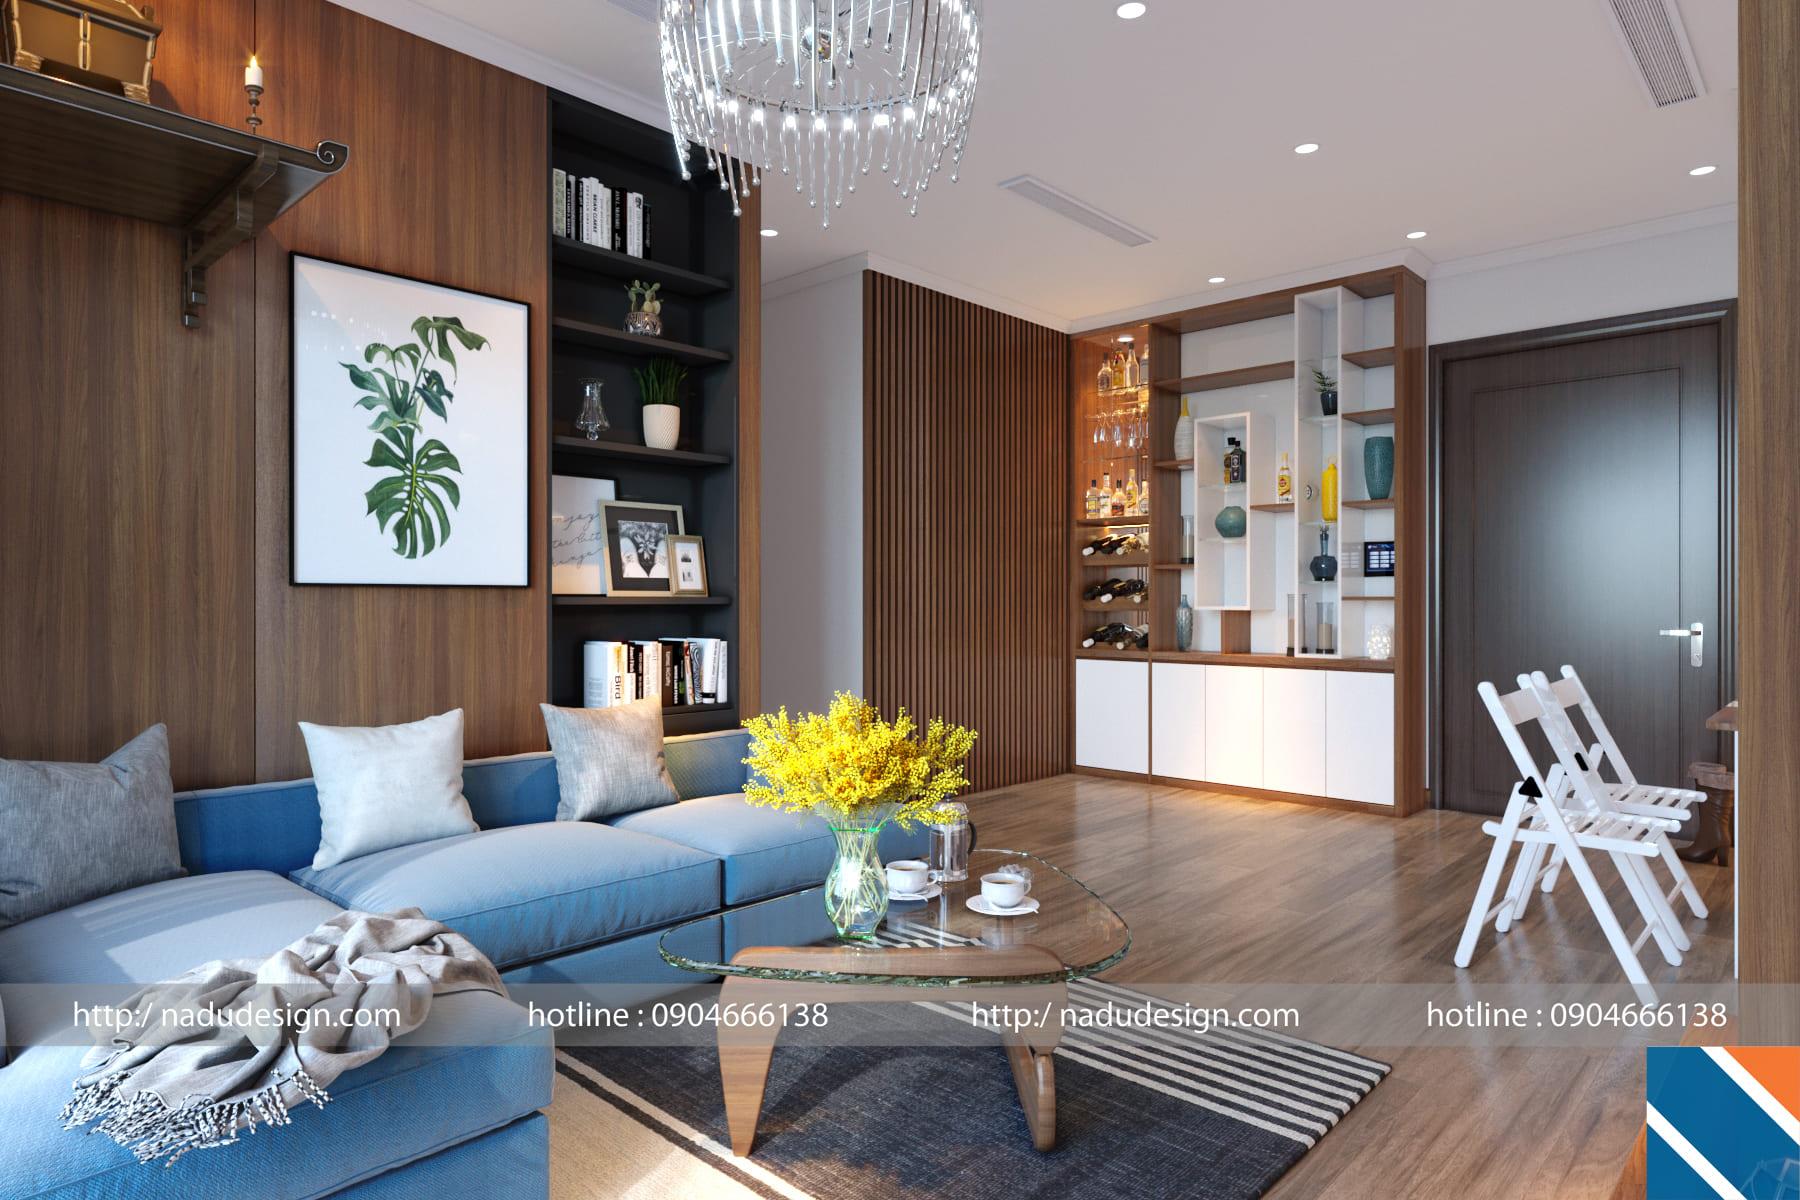 thiết kế nội thất chung cư 45m2 phong cách hiện đại